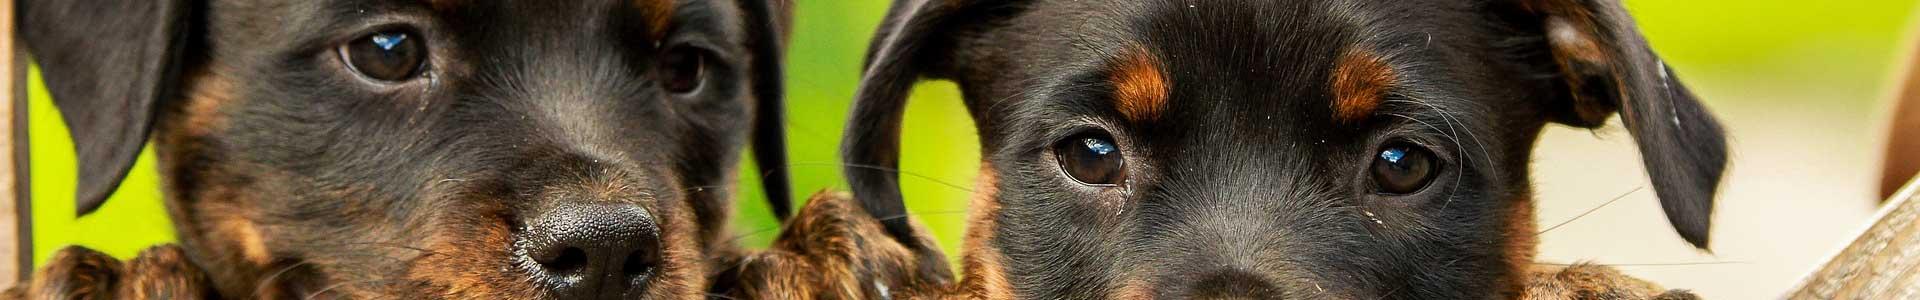 Hunde-Produkte-Test